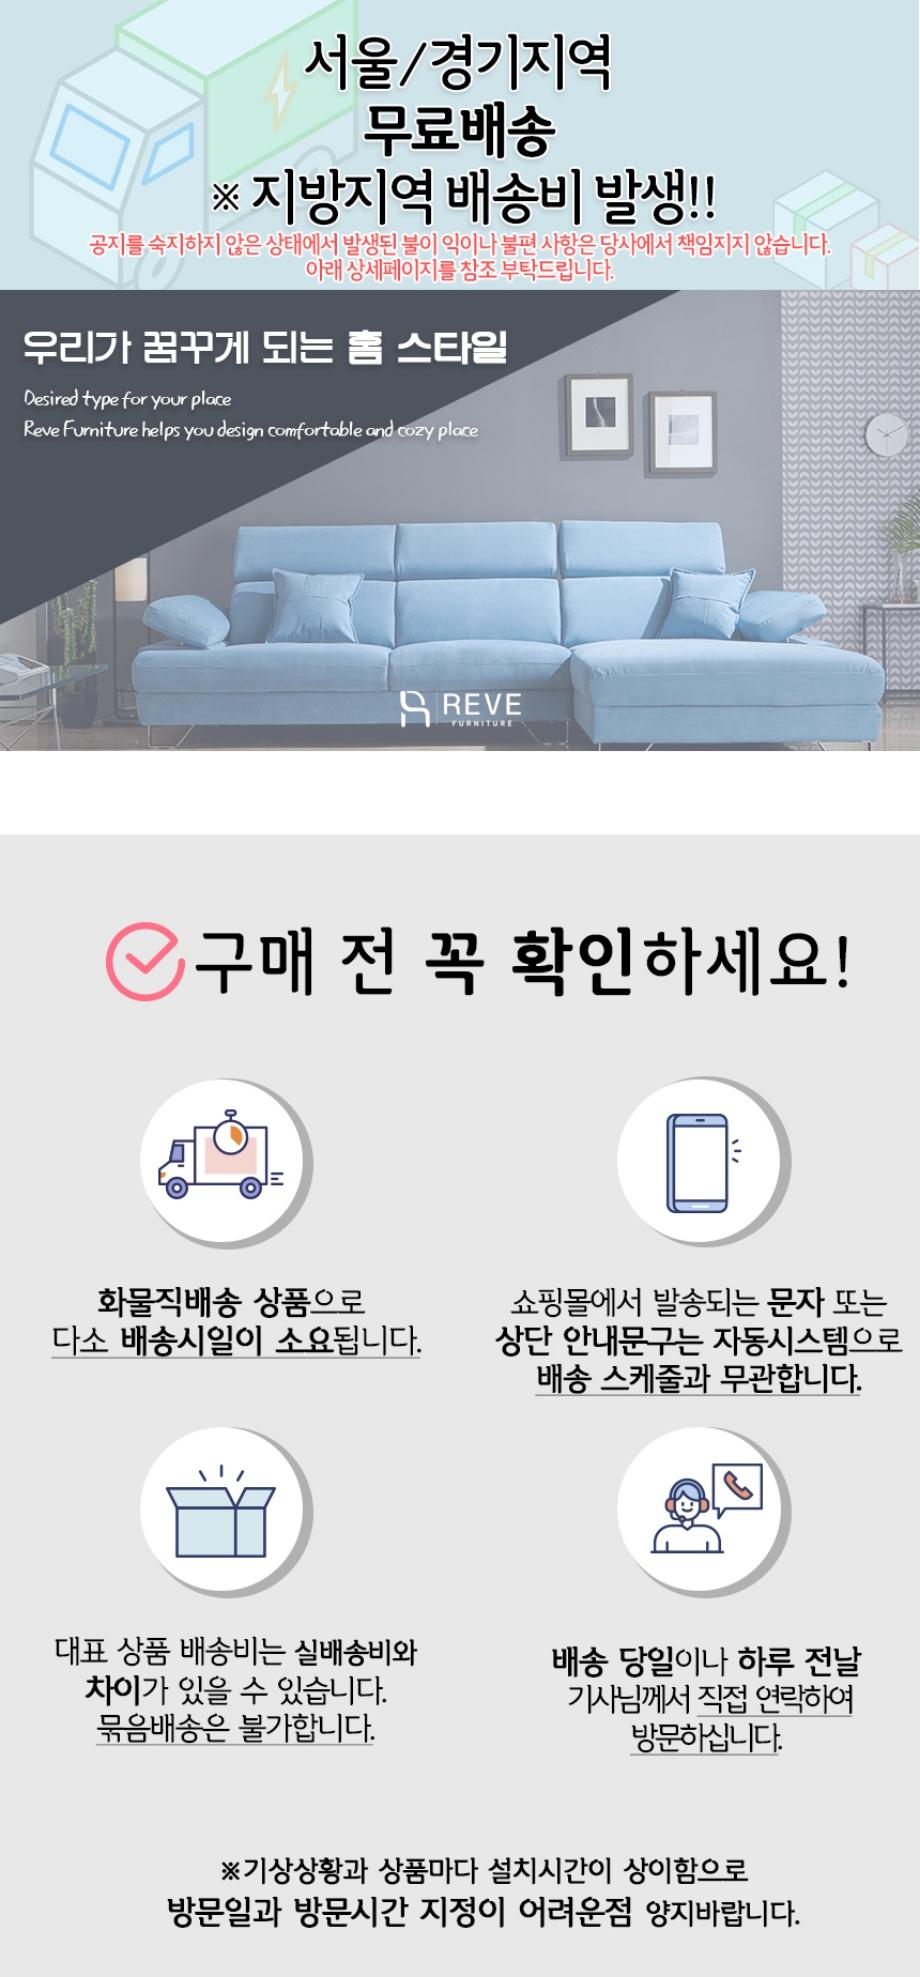 말리부 2인 가죽소파 - 레브, 272,000원, 천연/인조가죽소파, 2인/3인소파